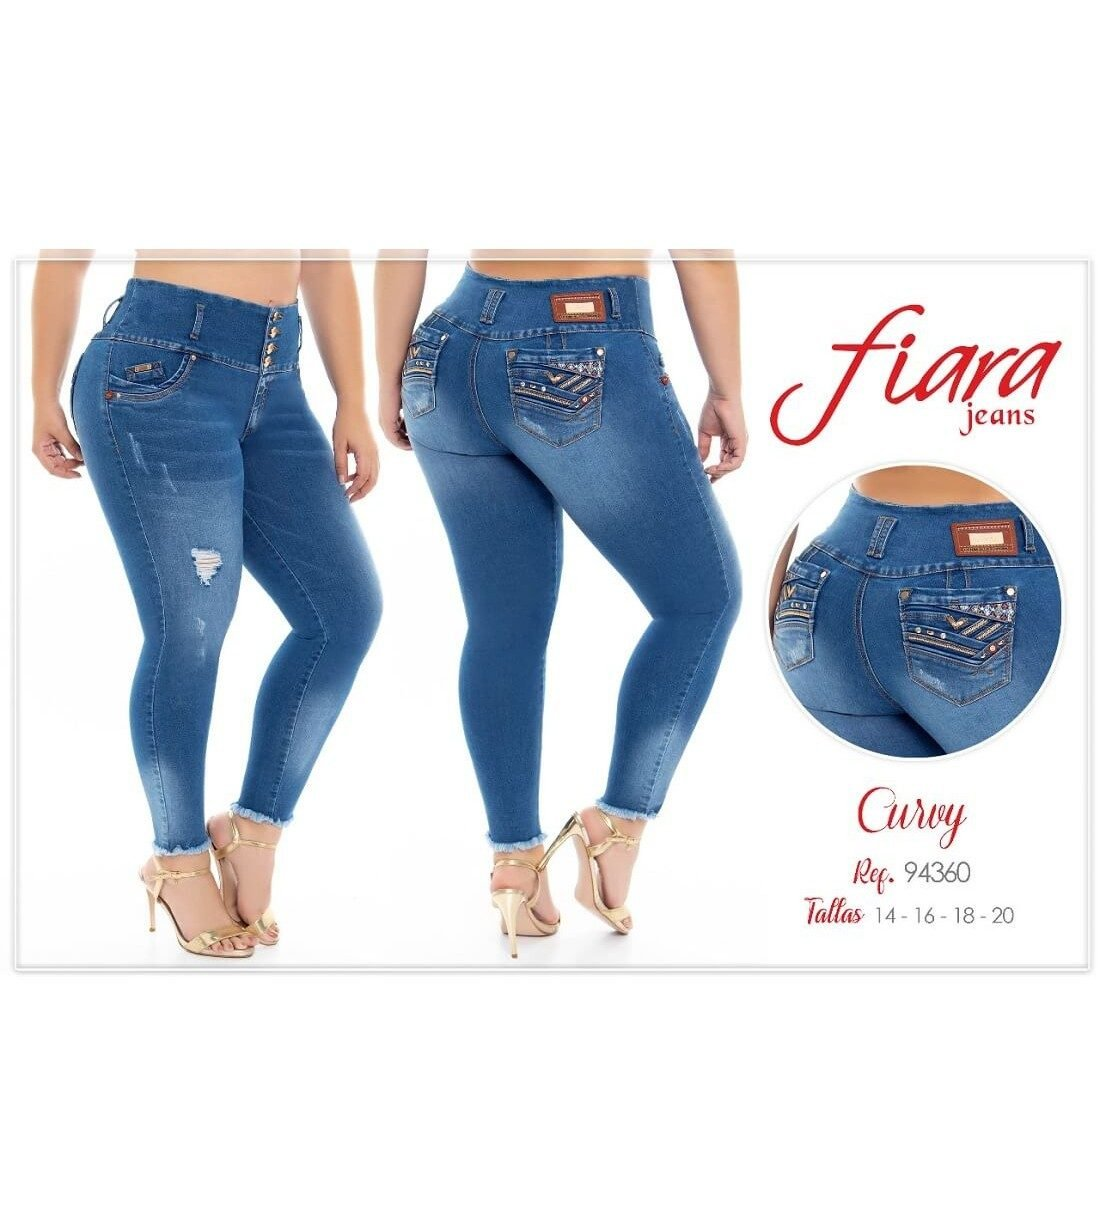 Jean Fiara Jeans Curvi 94360